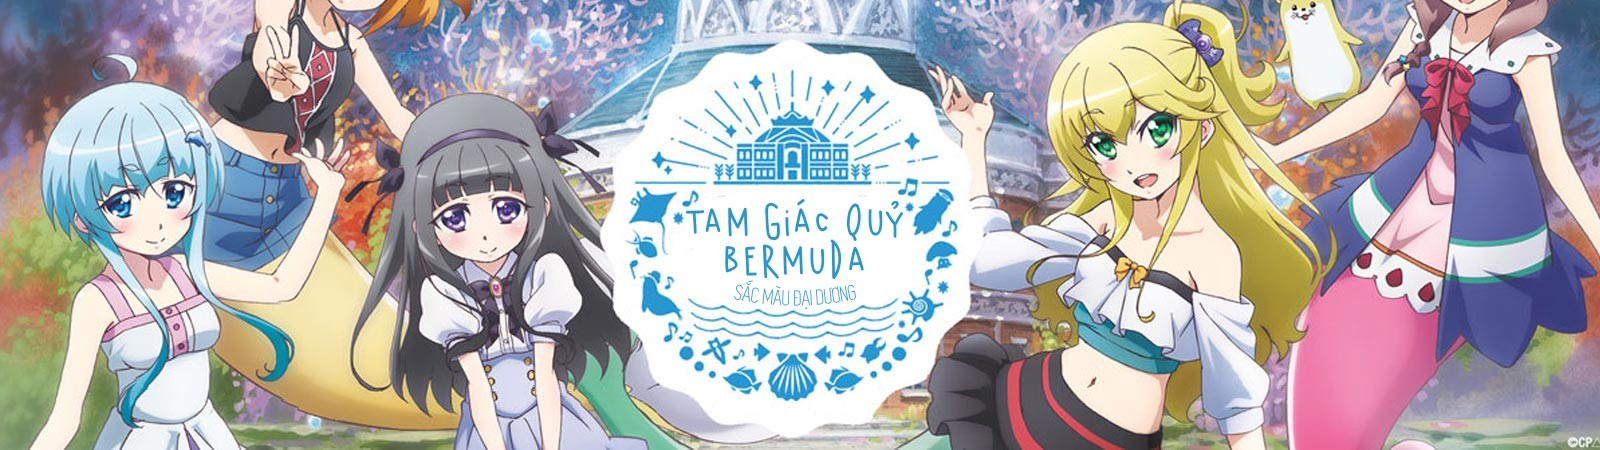 Tam Giác Quỷ Bermuda: Sắc Màu Đại Dương